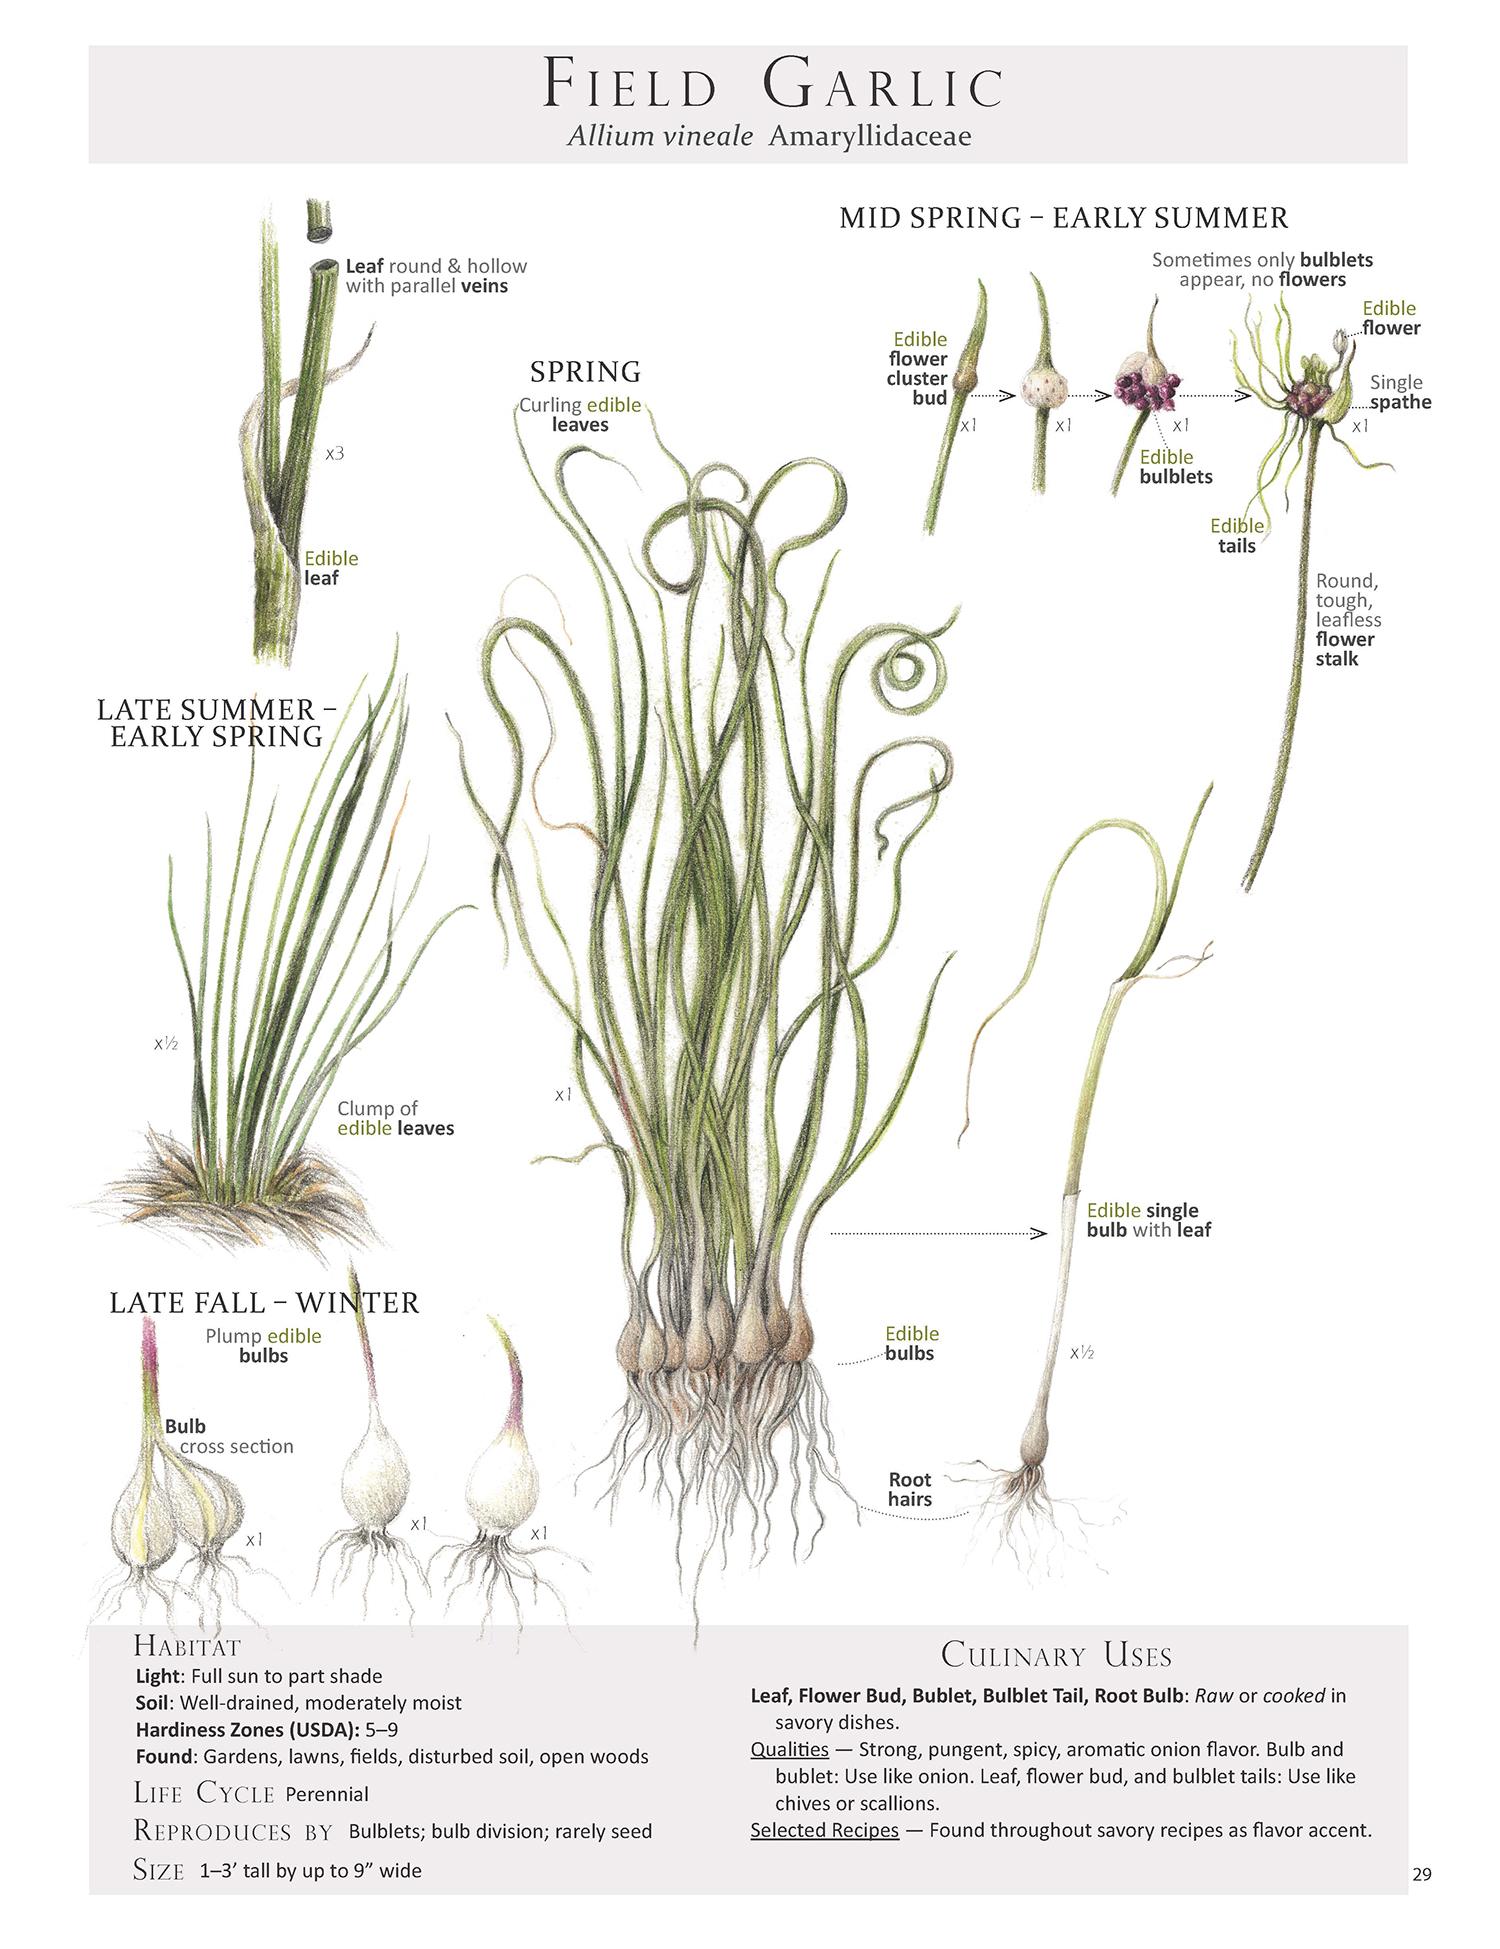 Field Garlic-Allium vineale.jpg